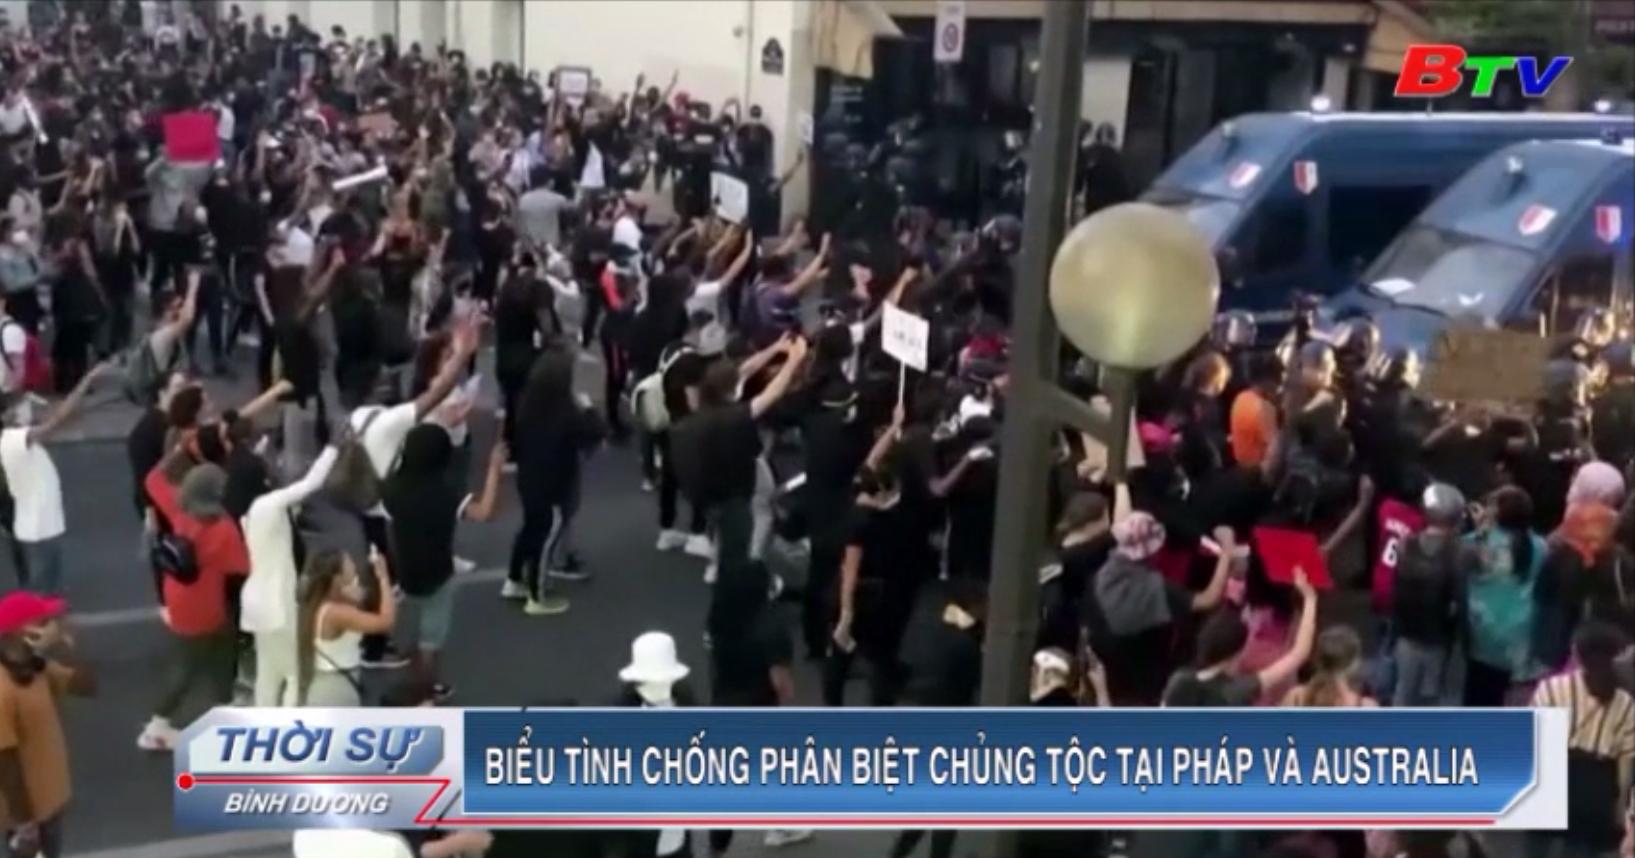 Biểu tình chống phân biệt chủng tộc tại Pháp và Australia